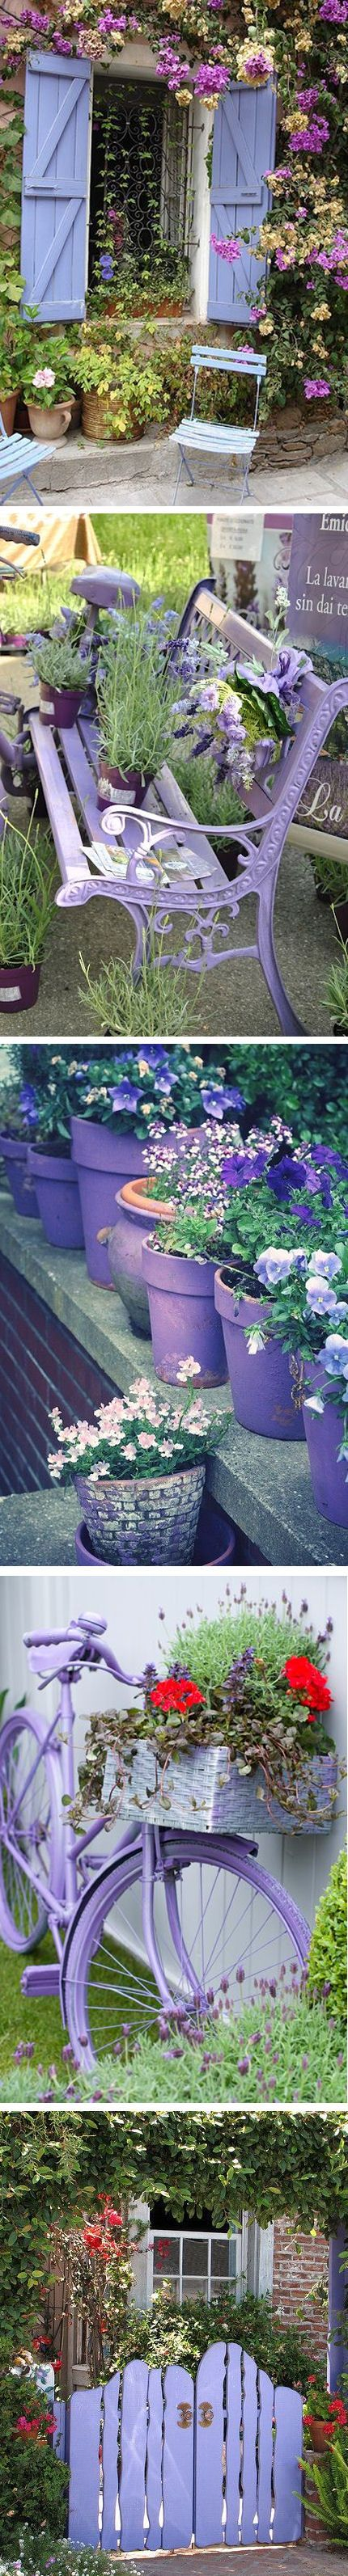 107 best garden wedding ideas images on pinterest | wedding